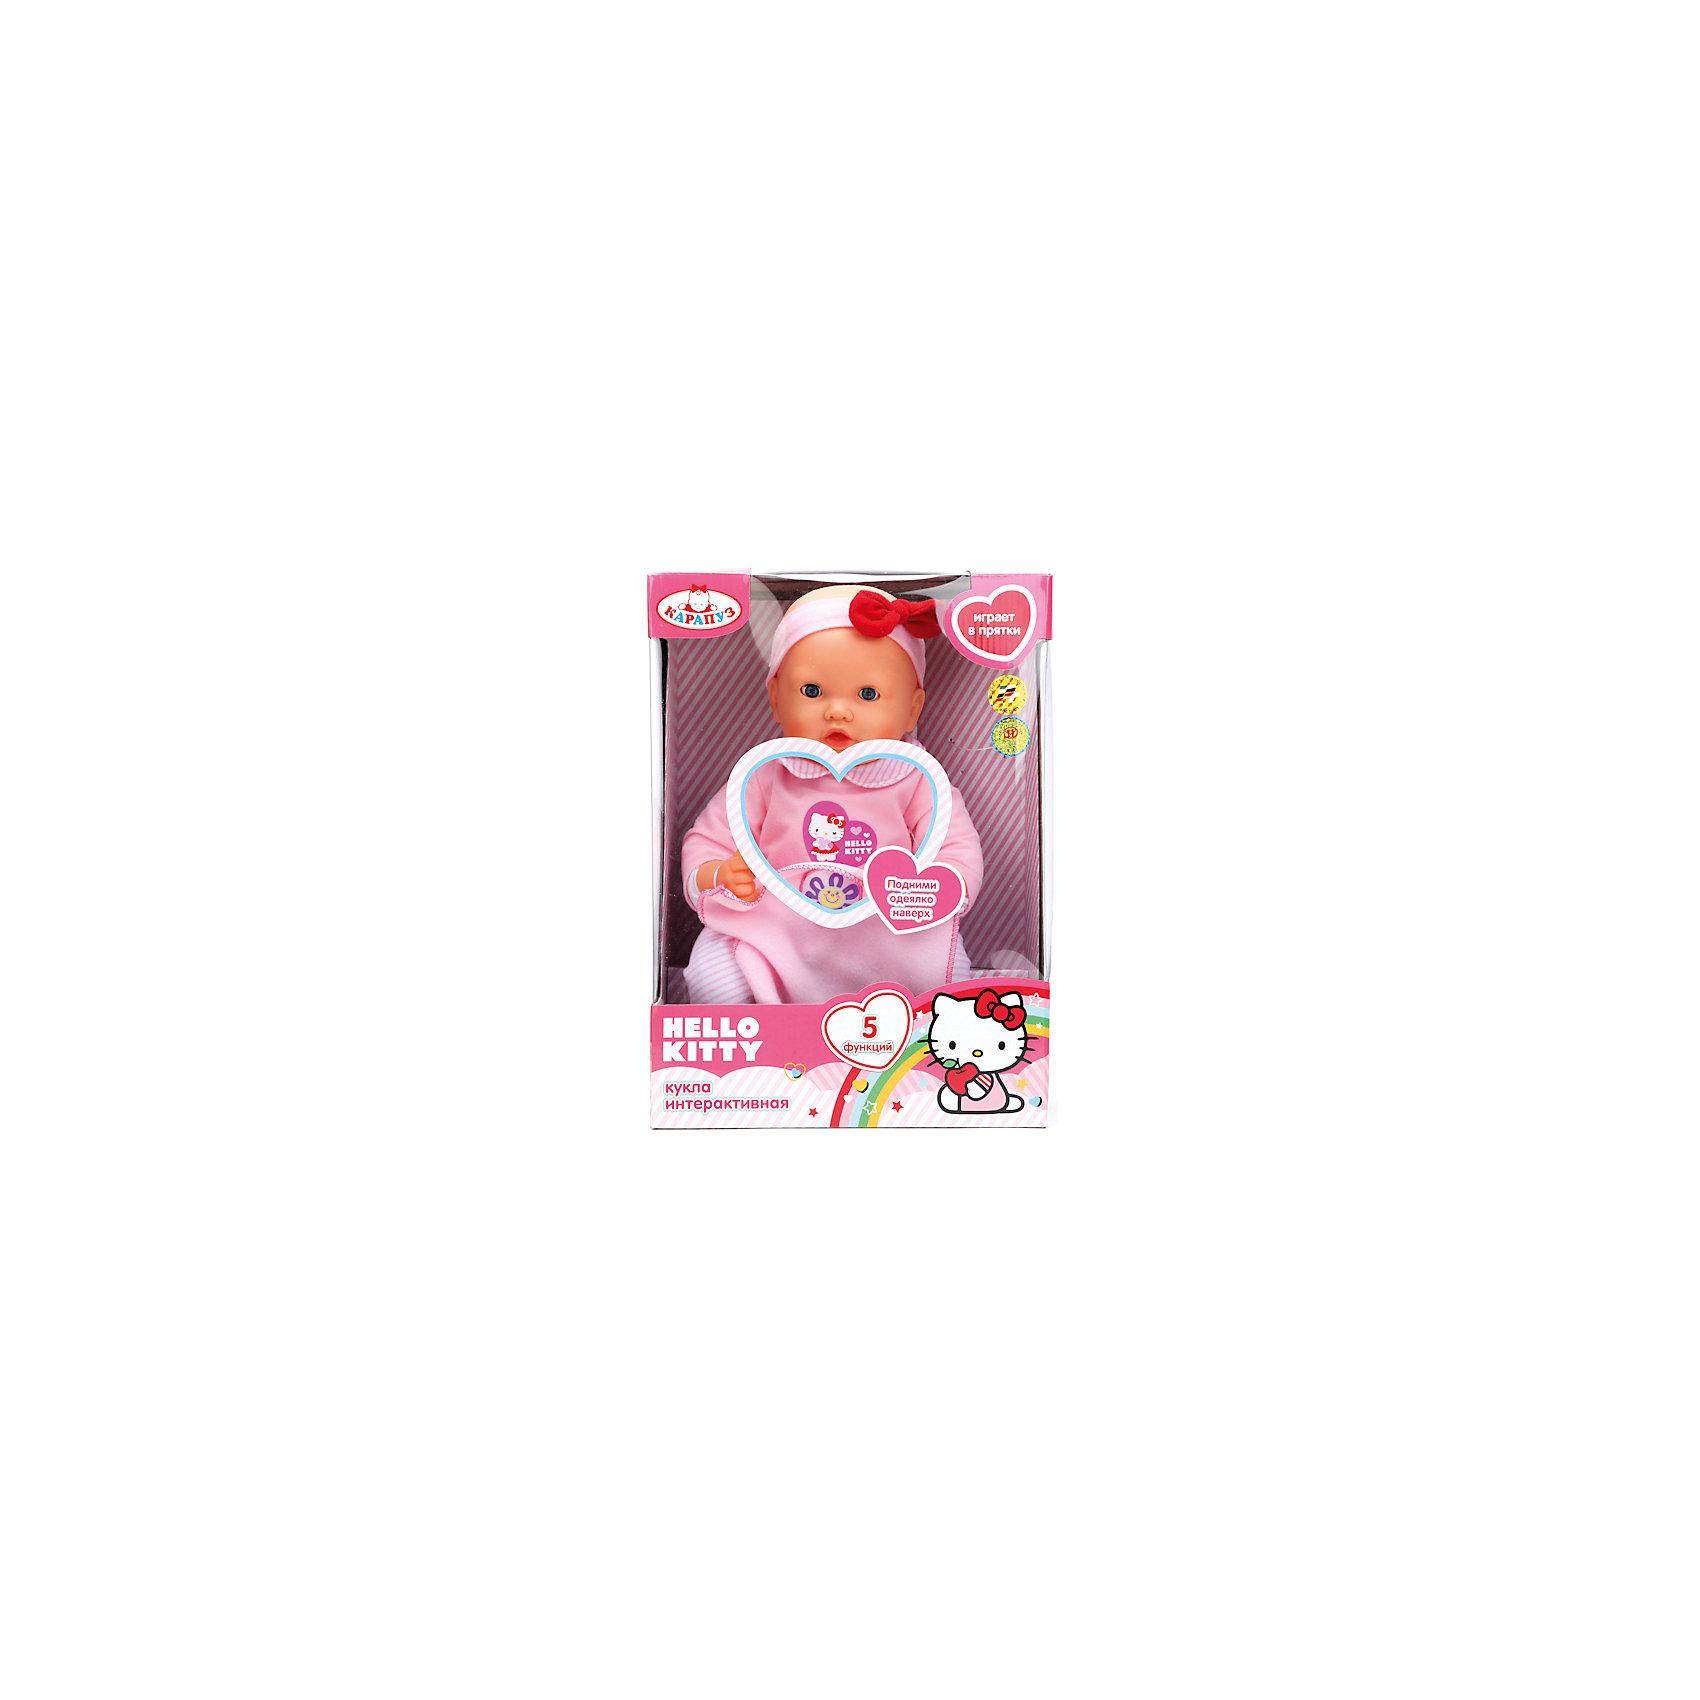 Кукла Hello Kitty, 40 см, 5 функций, КарапузЭтот очаровательный пупс так похож на настоящего малыша, что не оставит равнодушной ни одно девочку! Малыш умеет моргать, двигает губами, разговаривает, весело смеется и даже играет в прятки! Стоит лишь поднять одеяло пупса так, чтобы цветочек касался его носа , как малыш попросит найти его, опустив одеяльце, мама услышит, как ее чадо любит эту игру. Пупс-девочка одета в милый розовый костюмчик с дизайном hello kitty (Хэлло Китти), на голове - розовая полоска с бантом. <br><br>Дополнительная информация:<br><br>- Материал: пластик, текстиль.<br>- Разговаривает на русском языке, поет песенку, моргает, шевелит губами, играет в прятки.<br>- Размер: 40 см.<br>- Комплектация: пупс в одежде, одеяло, бутылочка. <br>- Элемент питания: 3 АА батарейки (в комплект не входят).<br>- Изготовлен из высококачественных безопасных материалов. <br><br>Куклу Hello Kitty, 40 см, 5 функций, Карапуз, можно купить в нашем магазине.<br><br>Ширина мм: 250<br>Глубина мм: 360<br>Высота мм: 150<br>Вес г: 1100<br>Возраст от месяцев: 36<br>Возраст до месяцев: 96<br>Пол: Женский<br>Возраст: Детский<br>SKU: 4320299